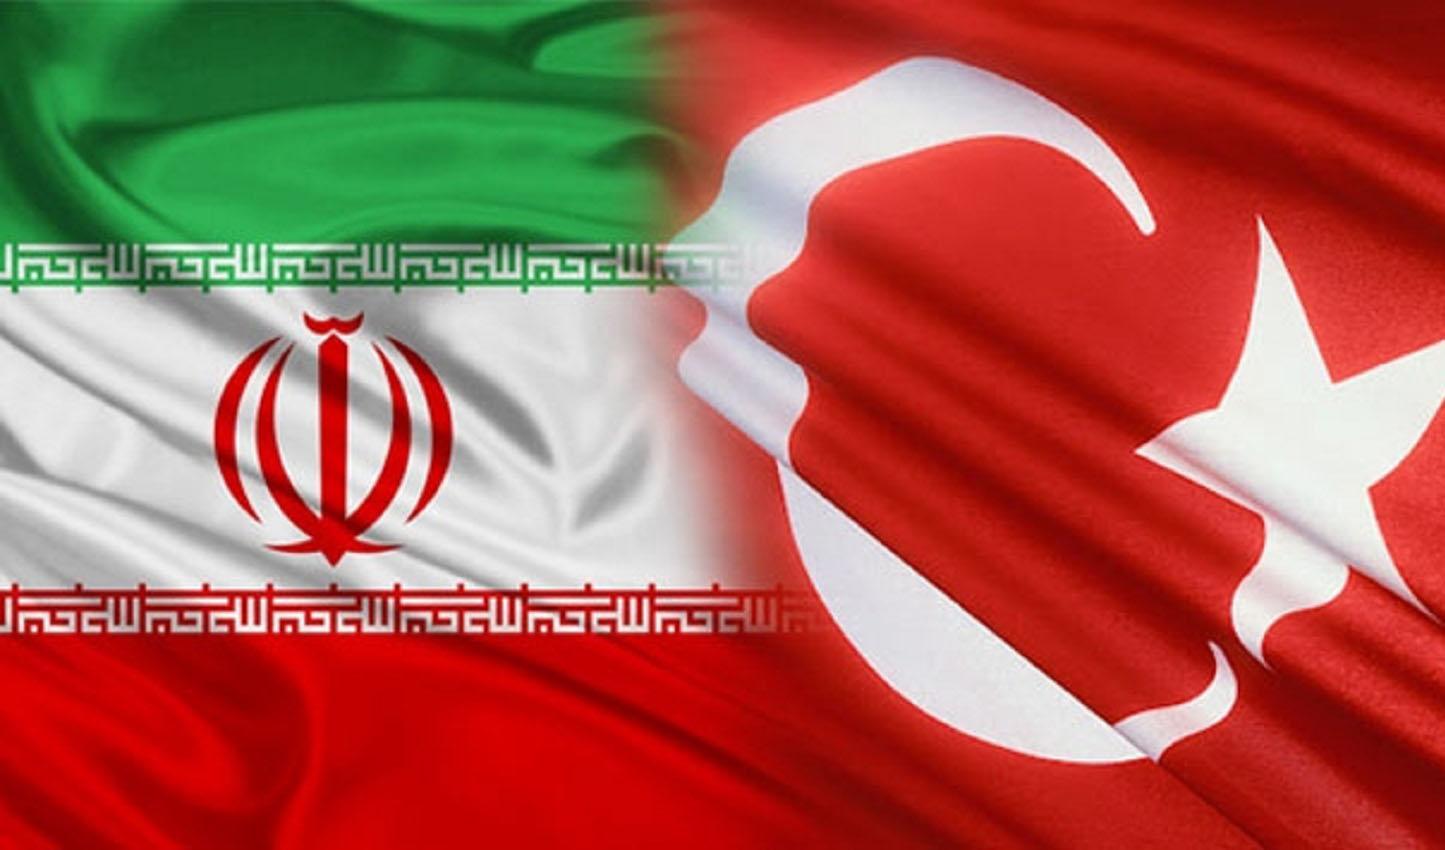 هدفگذاری برای دستیابی به تجارت ۳۰ میلیارد دلاری میان ایران و ترکیه